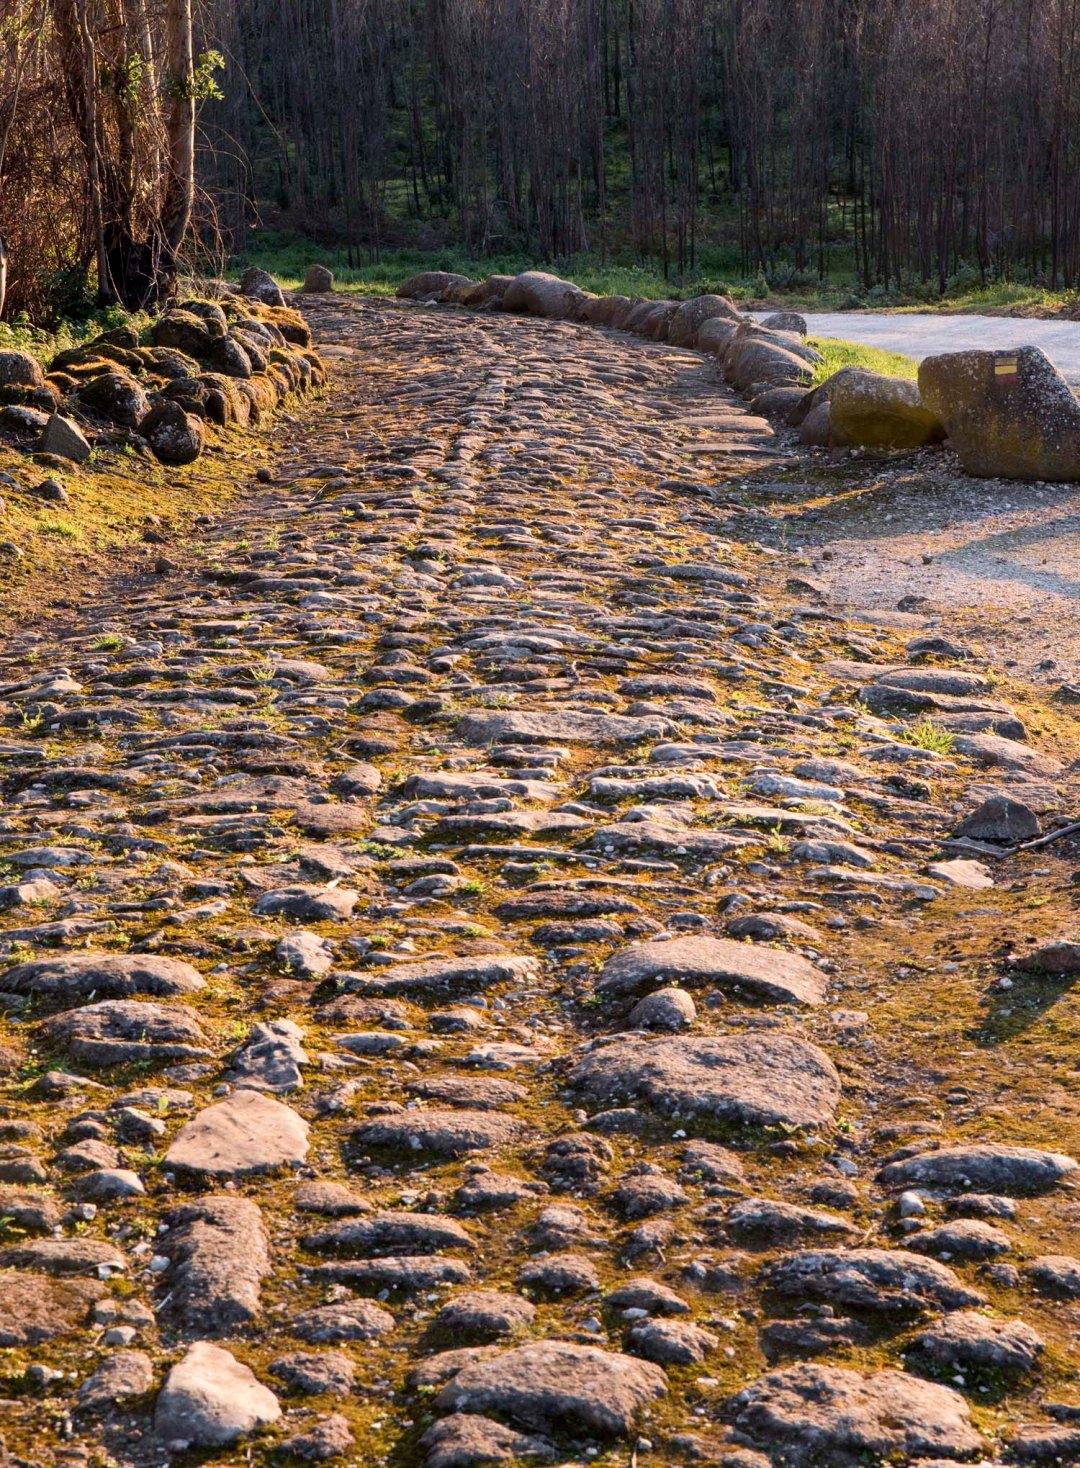 Estrada militar no Forte do Alqueidão